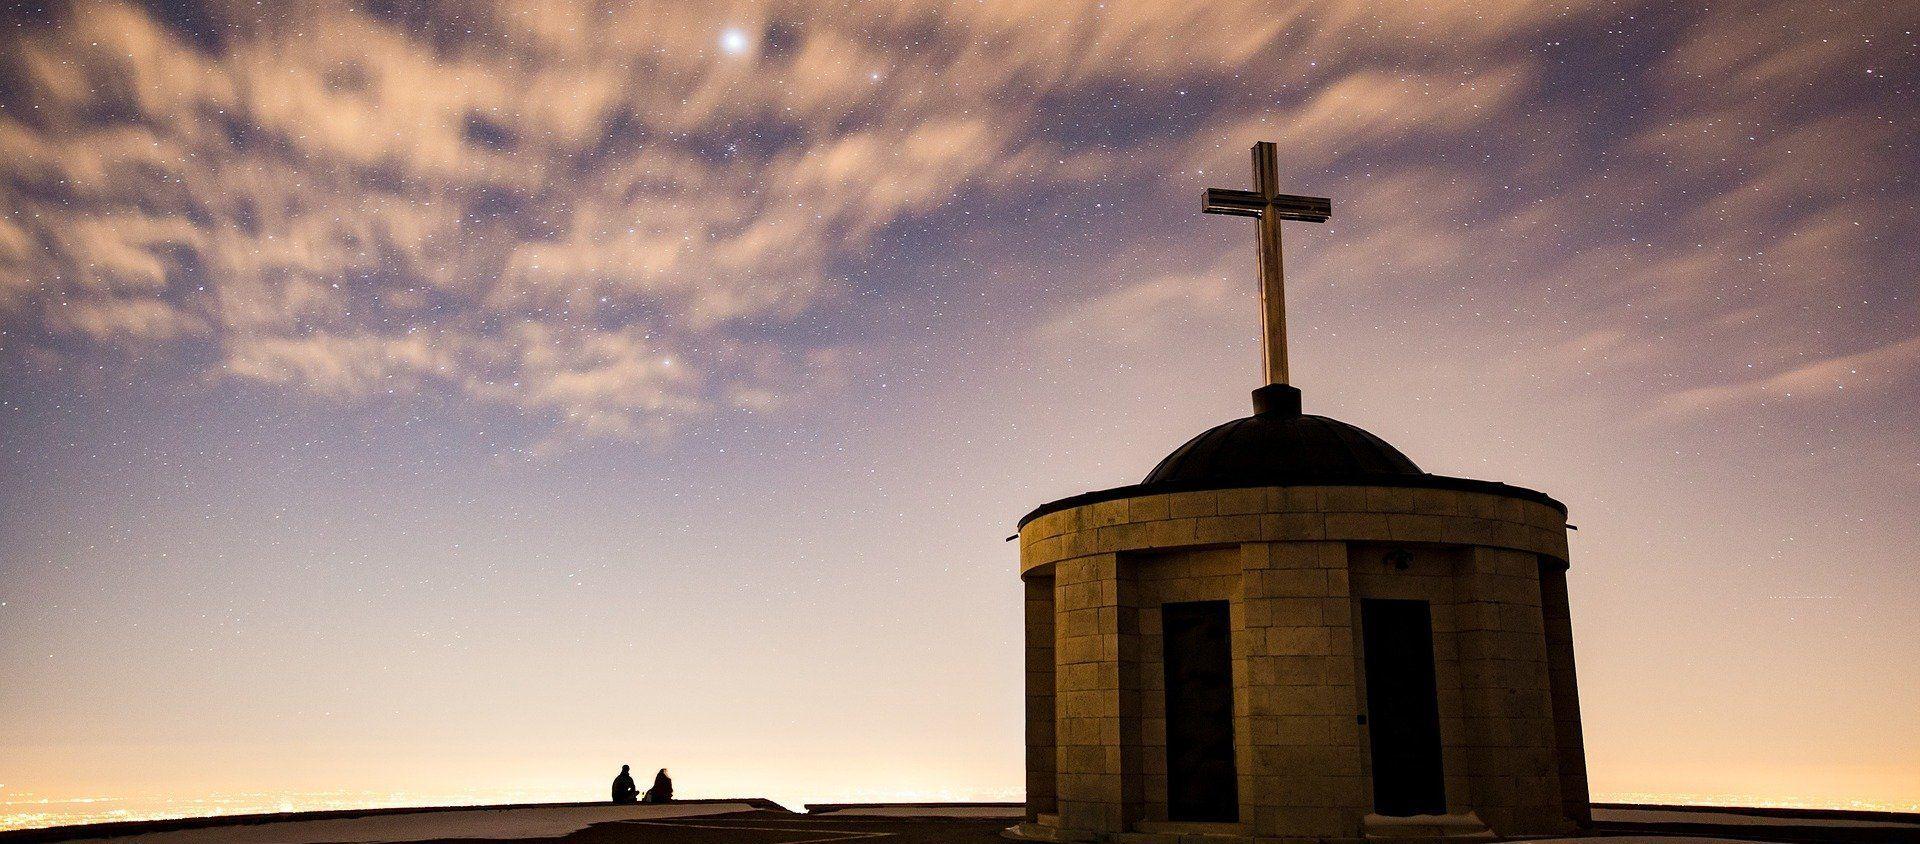 Croix sur fond de ciel étoilé - Sputnik France, 1920, 19.01.2021